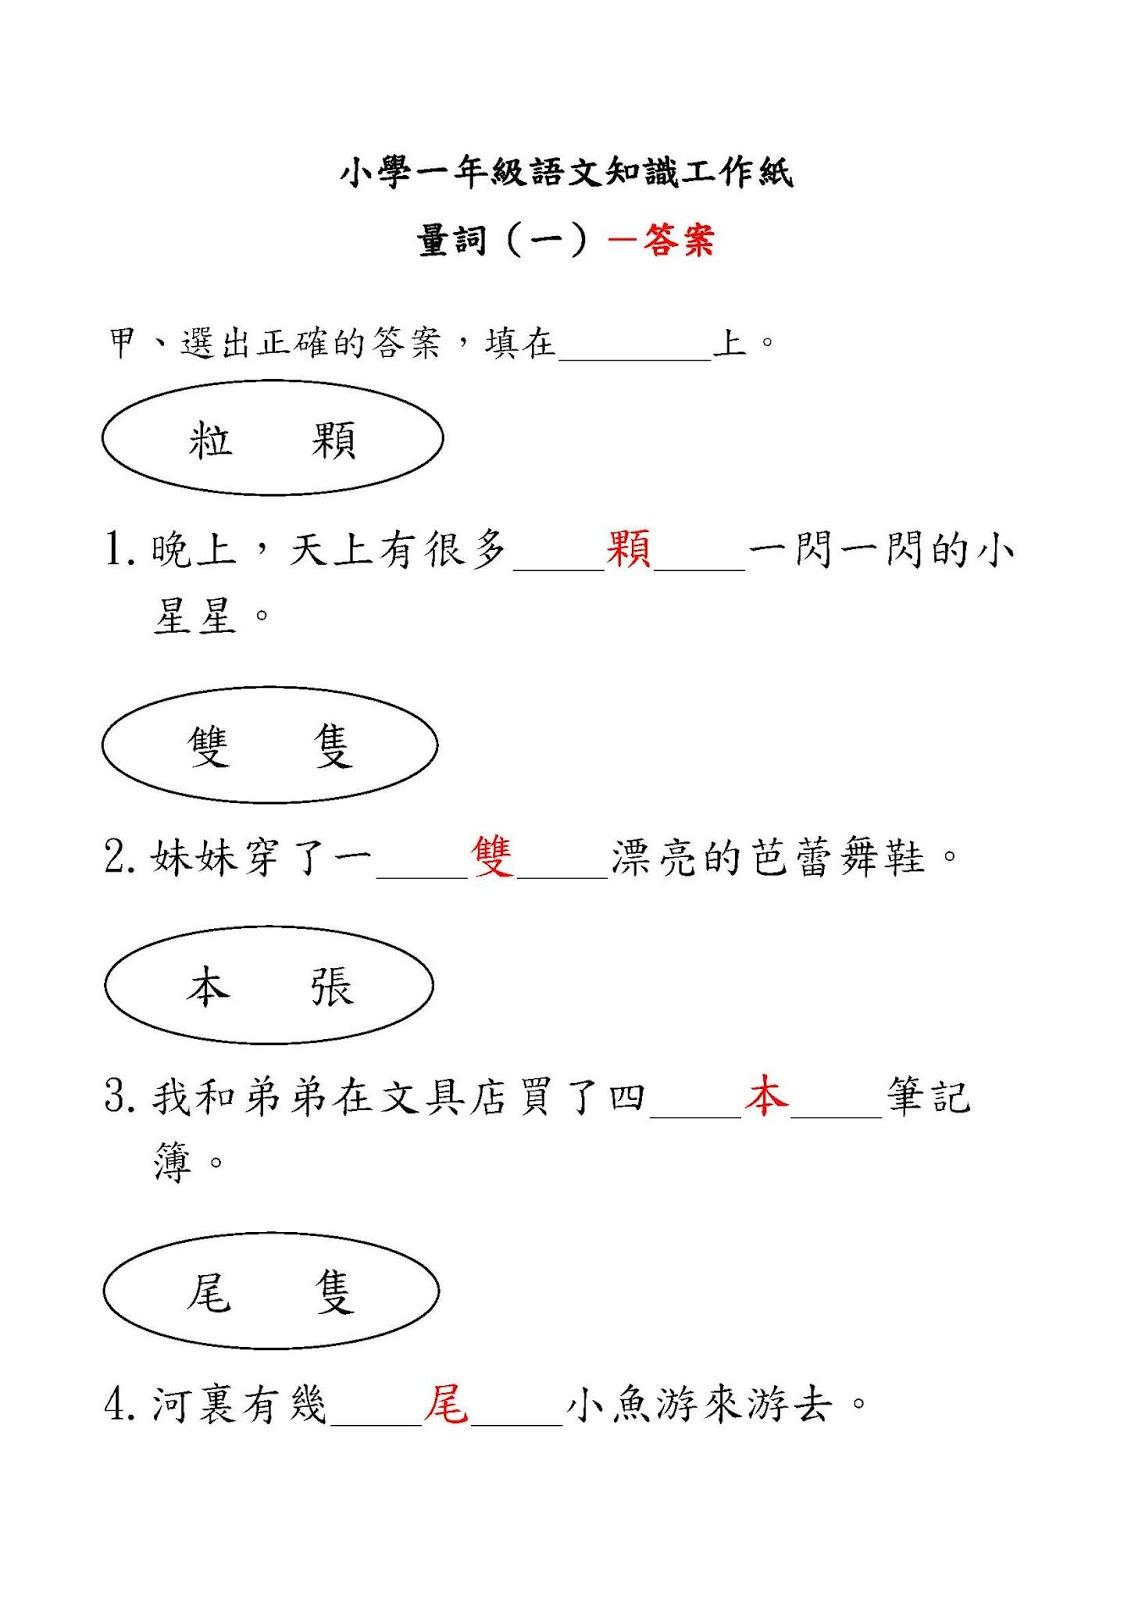 小一語文知識工作紙:量詞(一)|中文工作紙|尤莉姐姐的反轉學堂